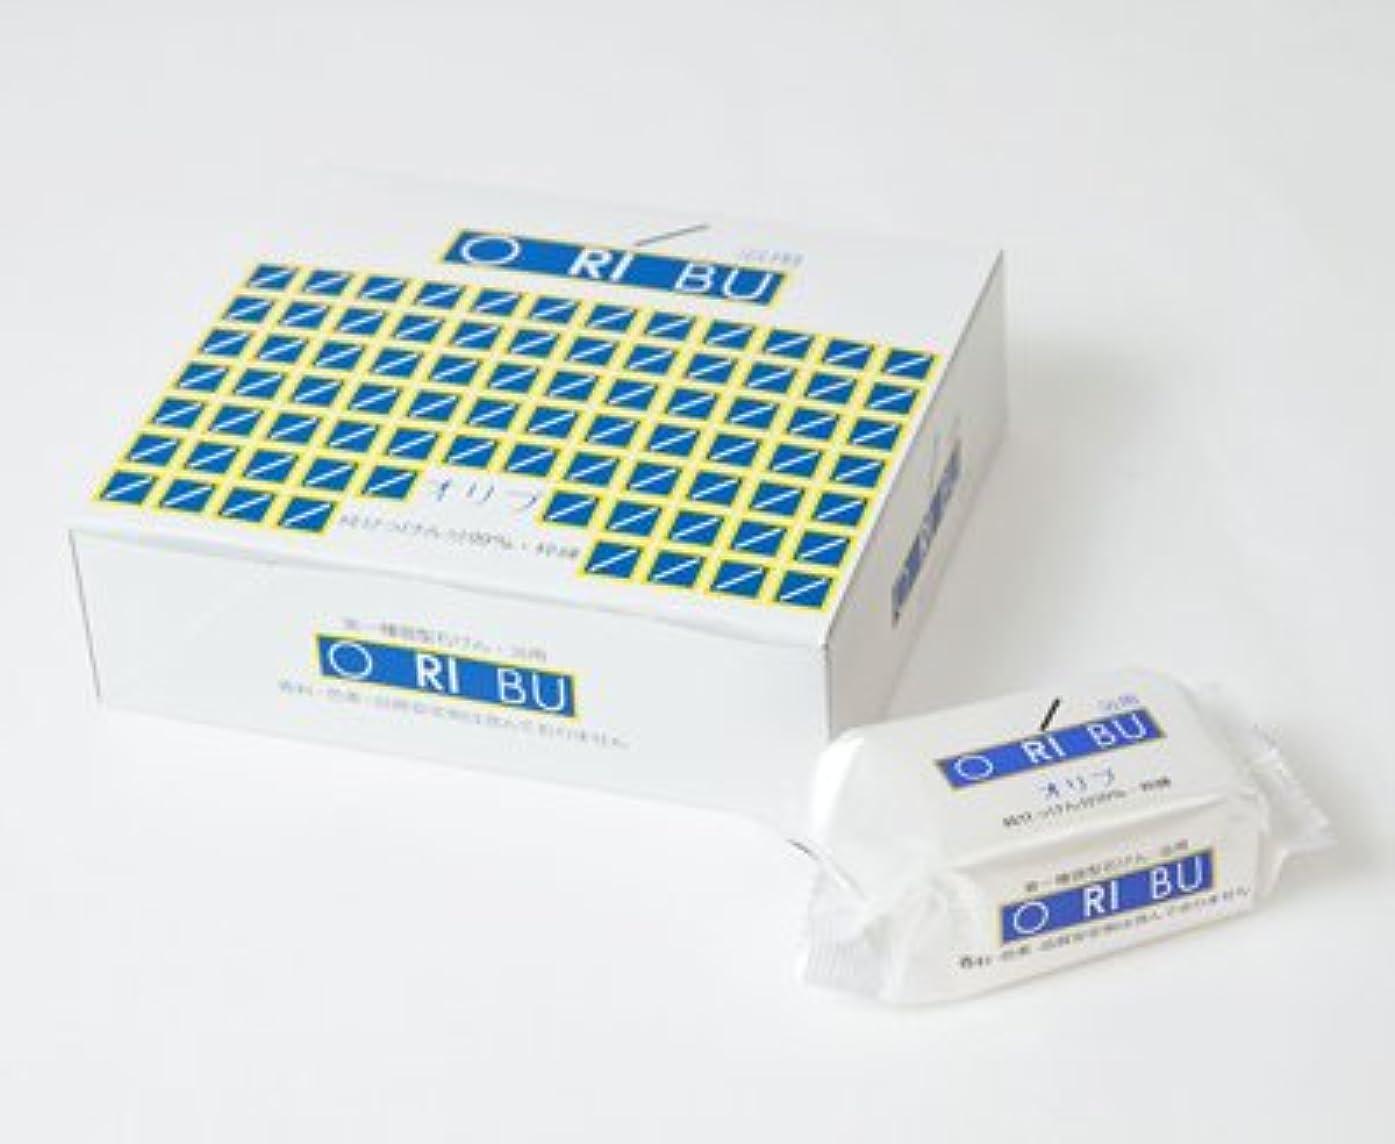 詩ほこり手伝う暁石鹸 ORIBU オリブ浴用石けん 1箱 (110g×10個入) 泡立てネット付き